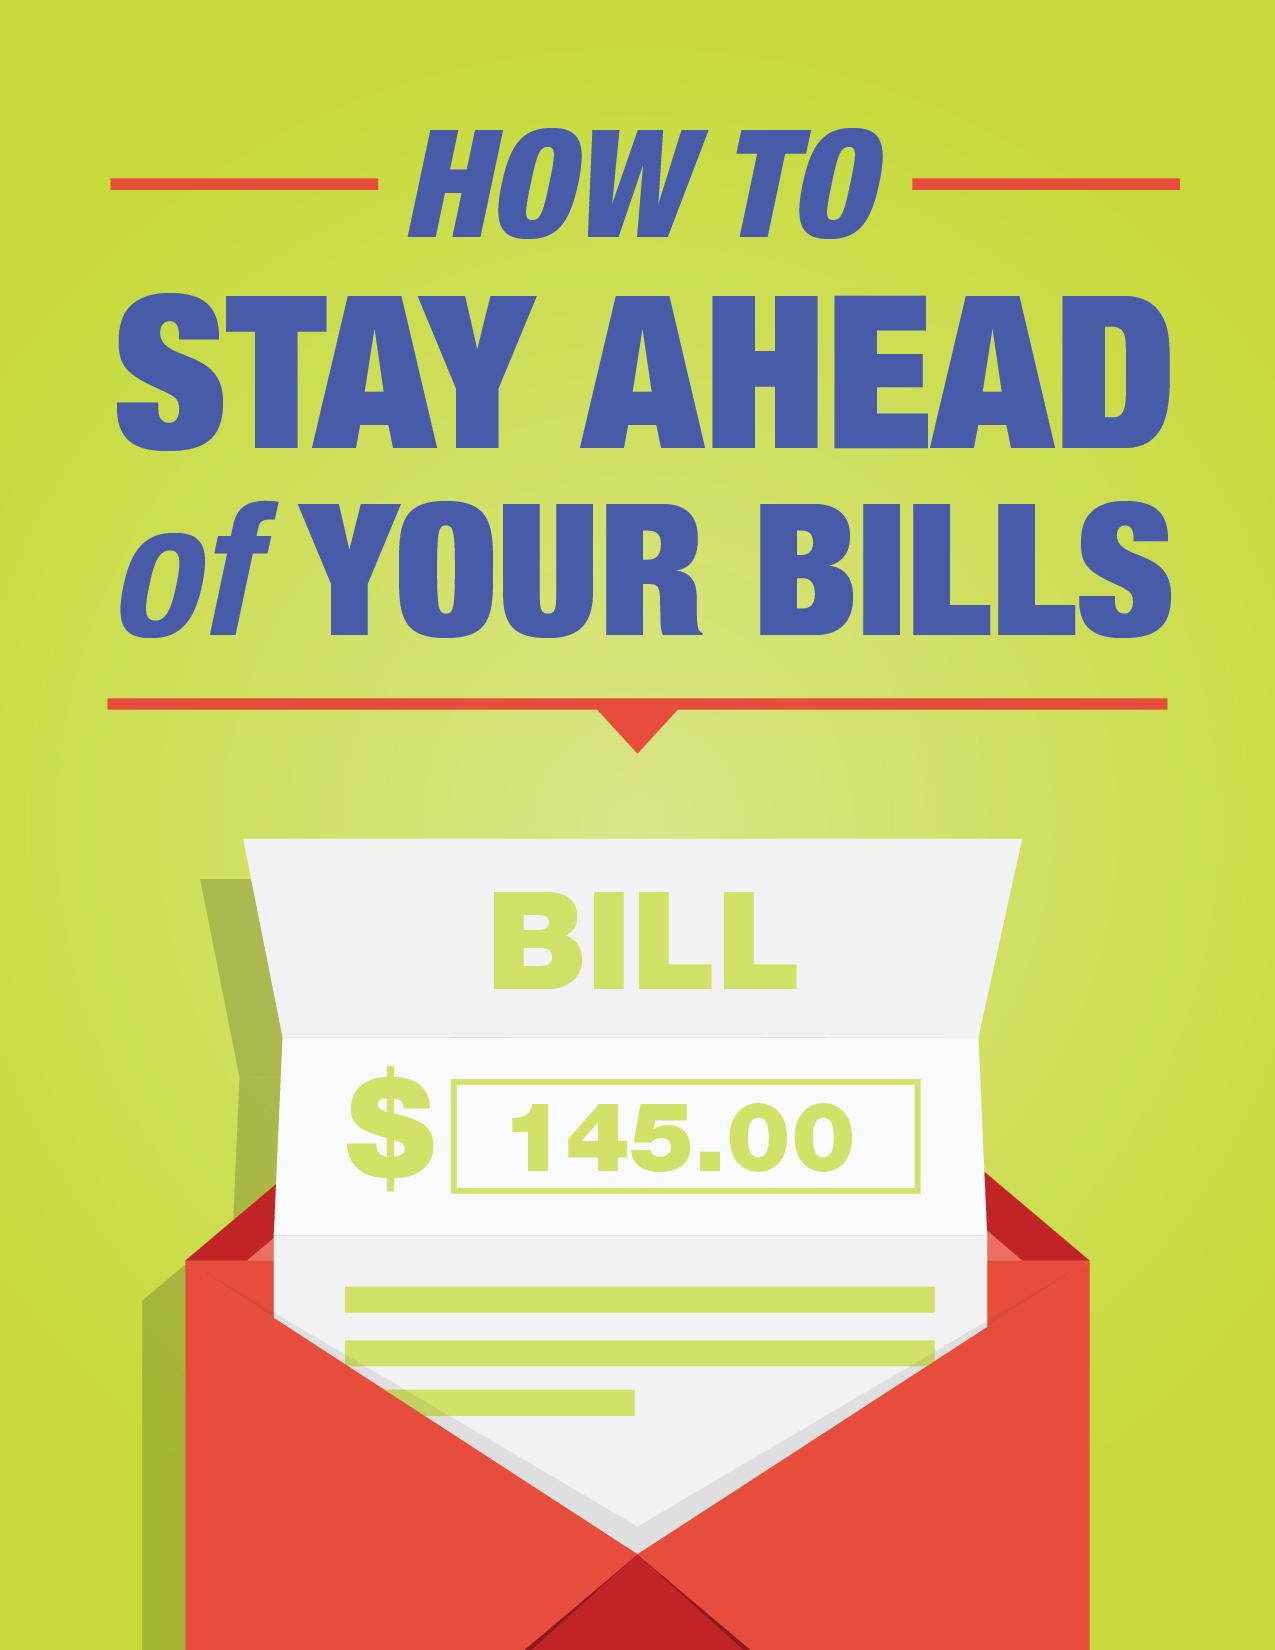 INL-Stay-Ahead-Bills-01 (1)